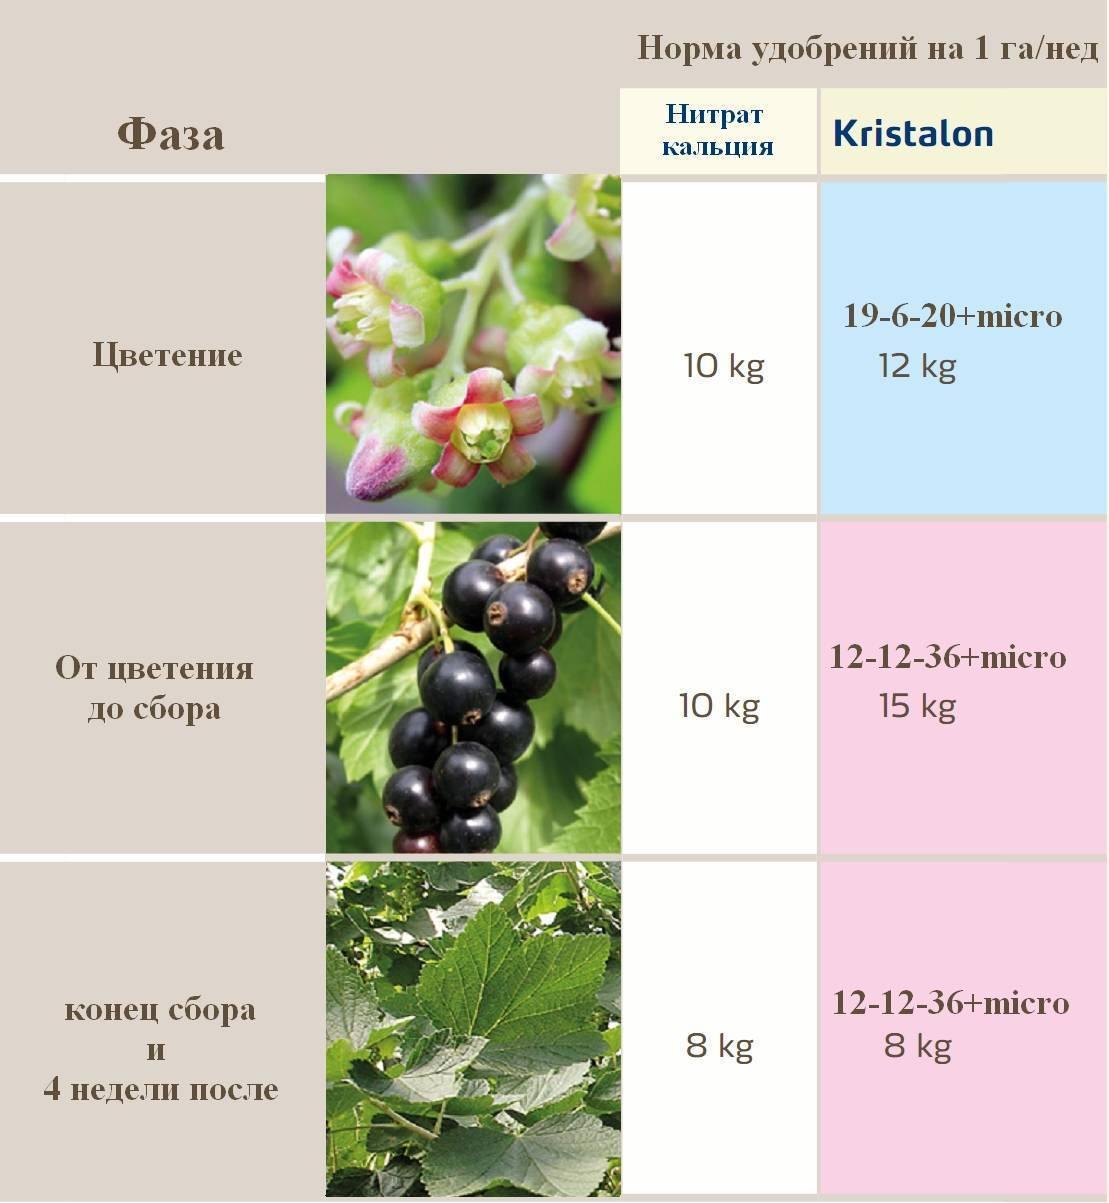 Чем подкормить смородину и крыжовник весной - дрожжи и зола в качестве удобрения